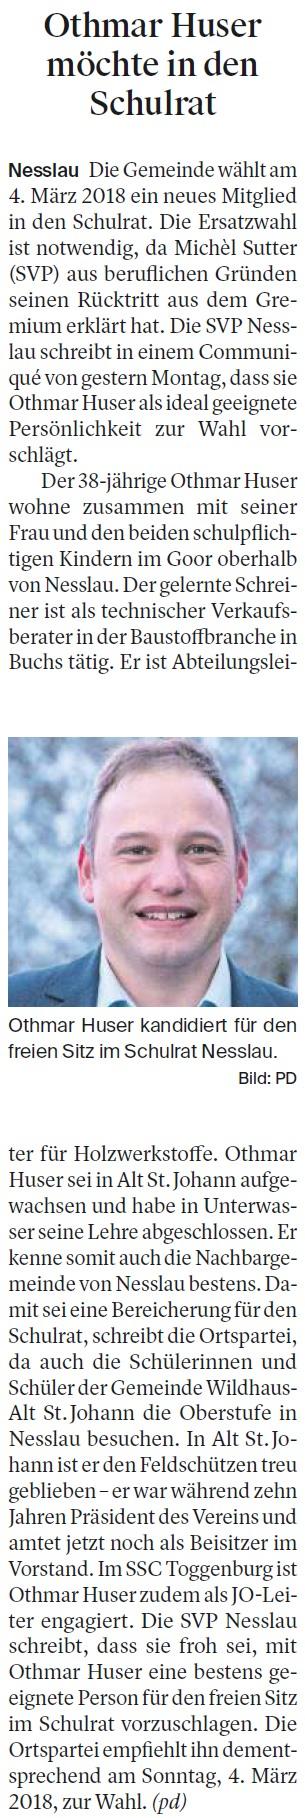 Othmar Huser möchte in den Schulrat (Dienstag, 19.12.2017)